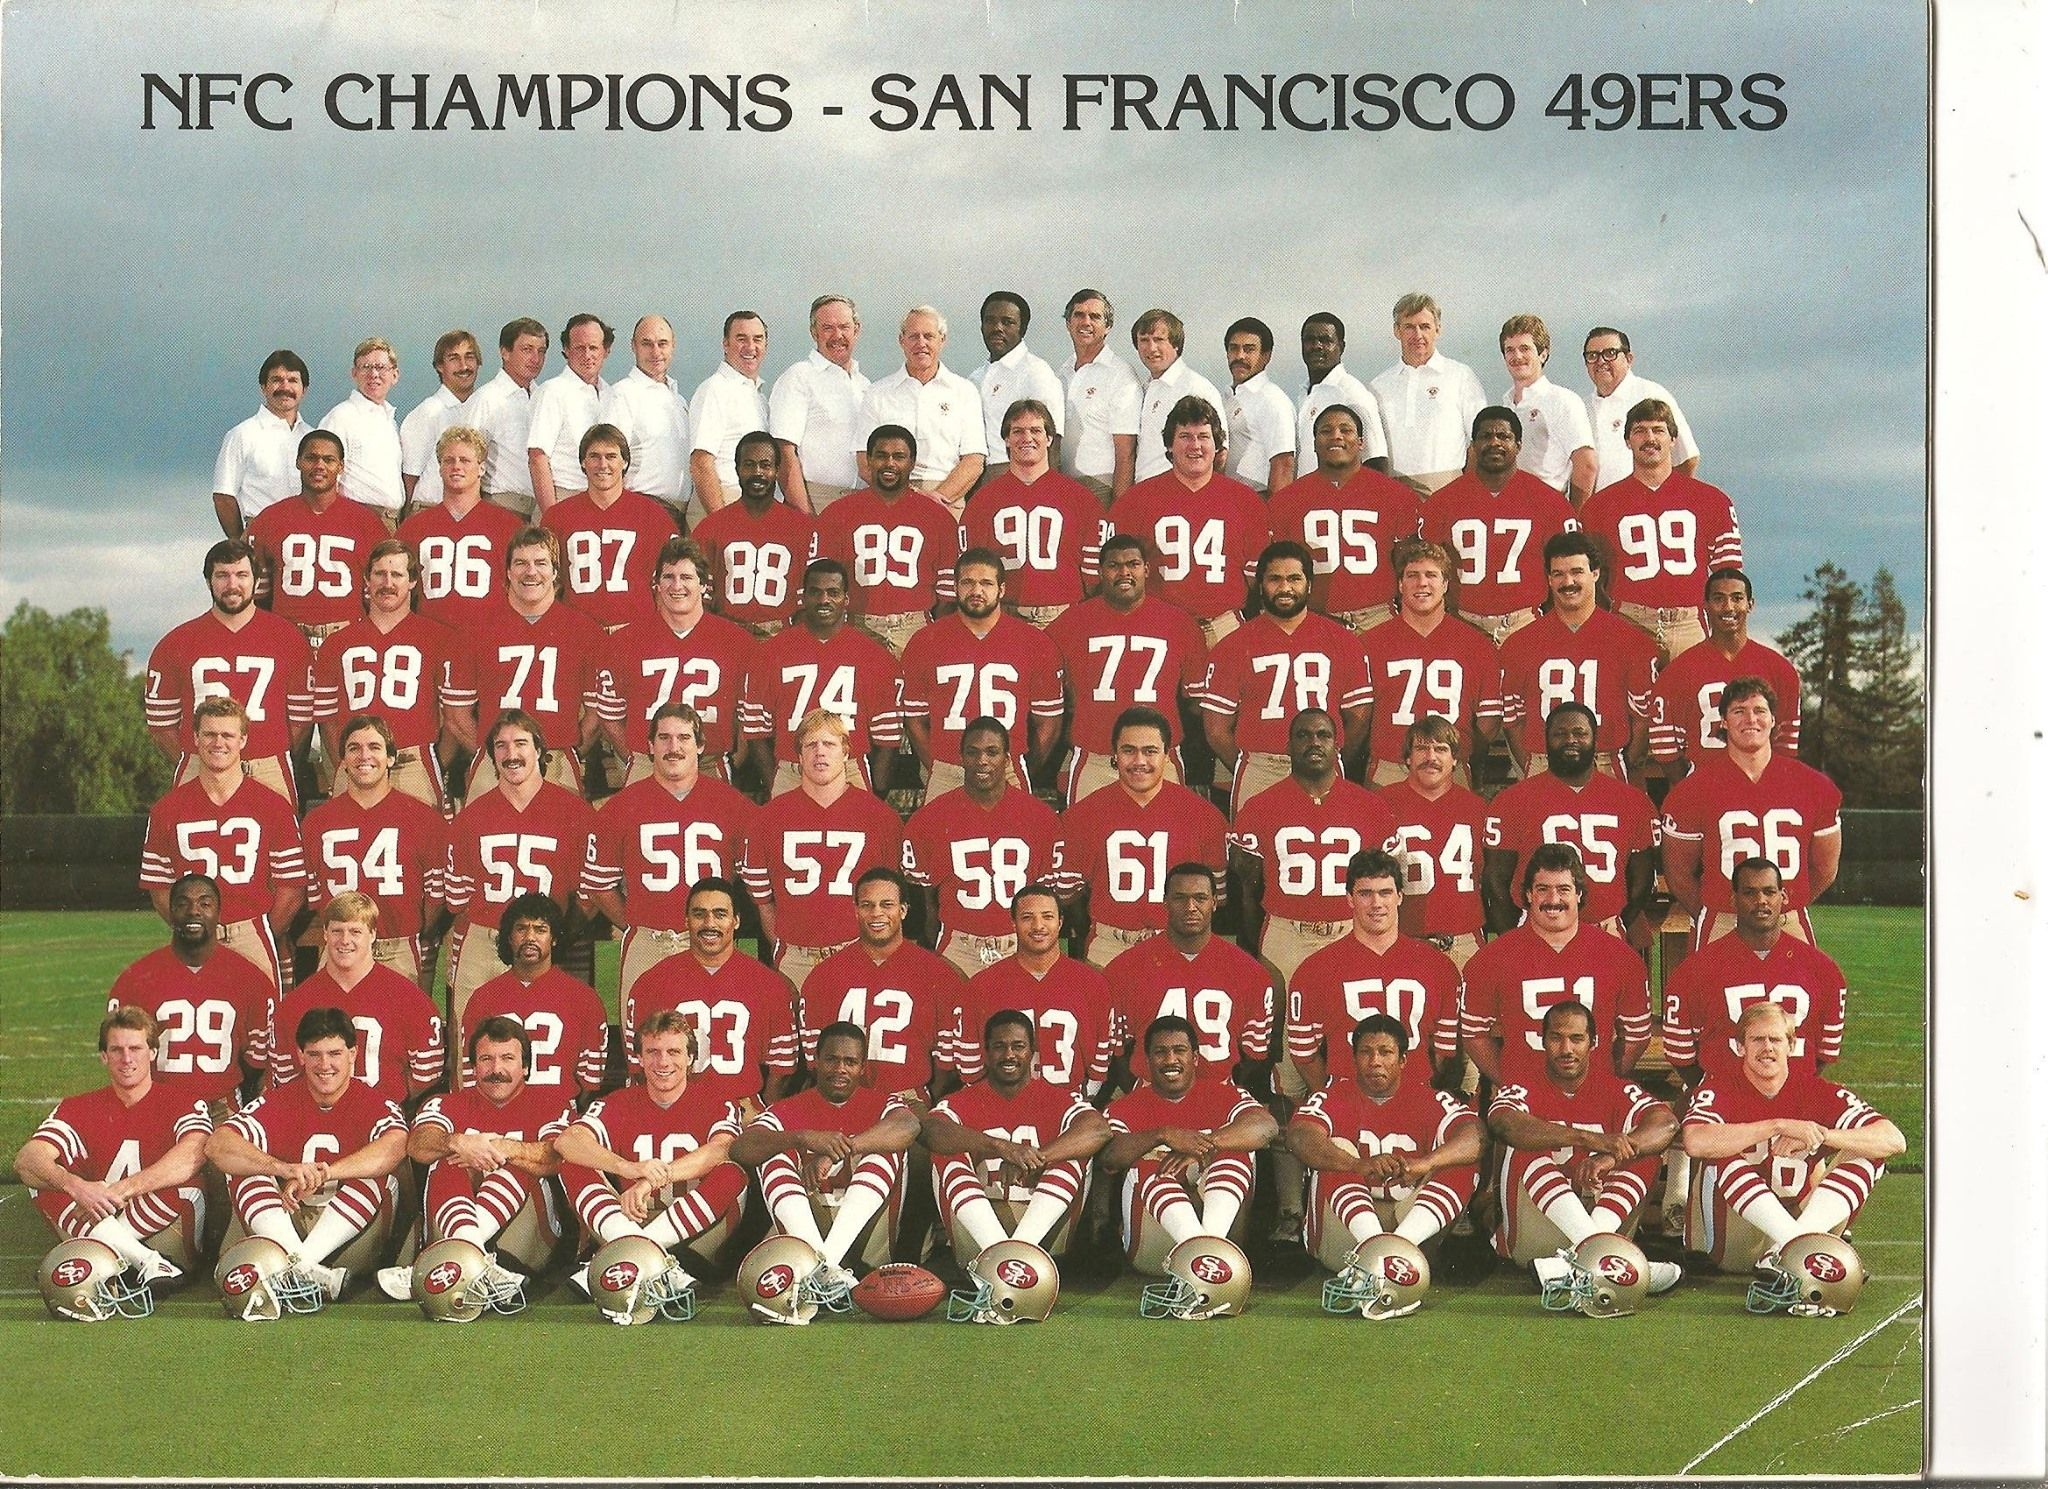 c39d4fd9f 1984 San Francisco 49ers